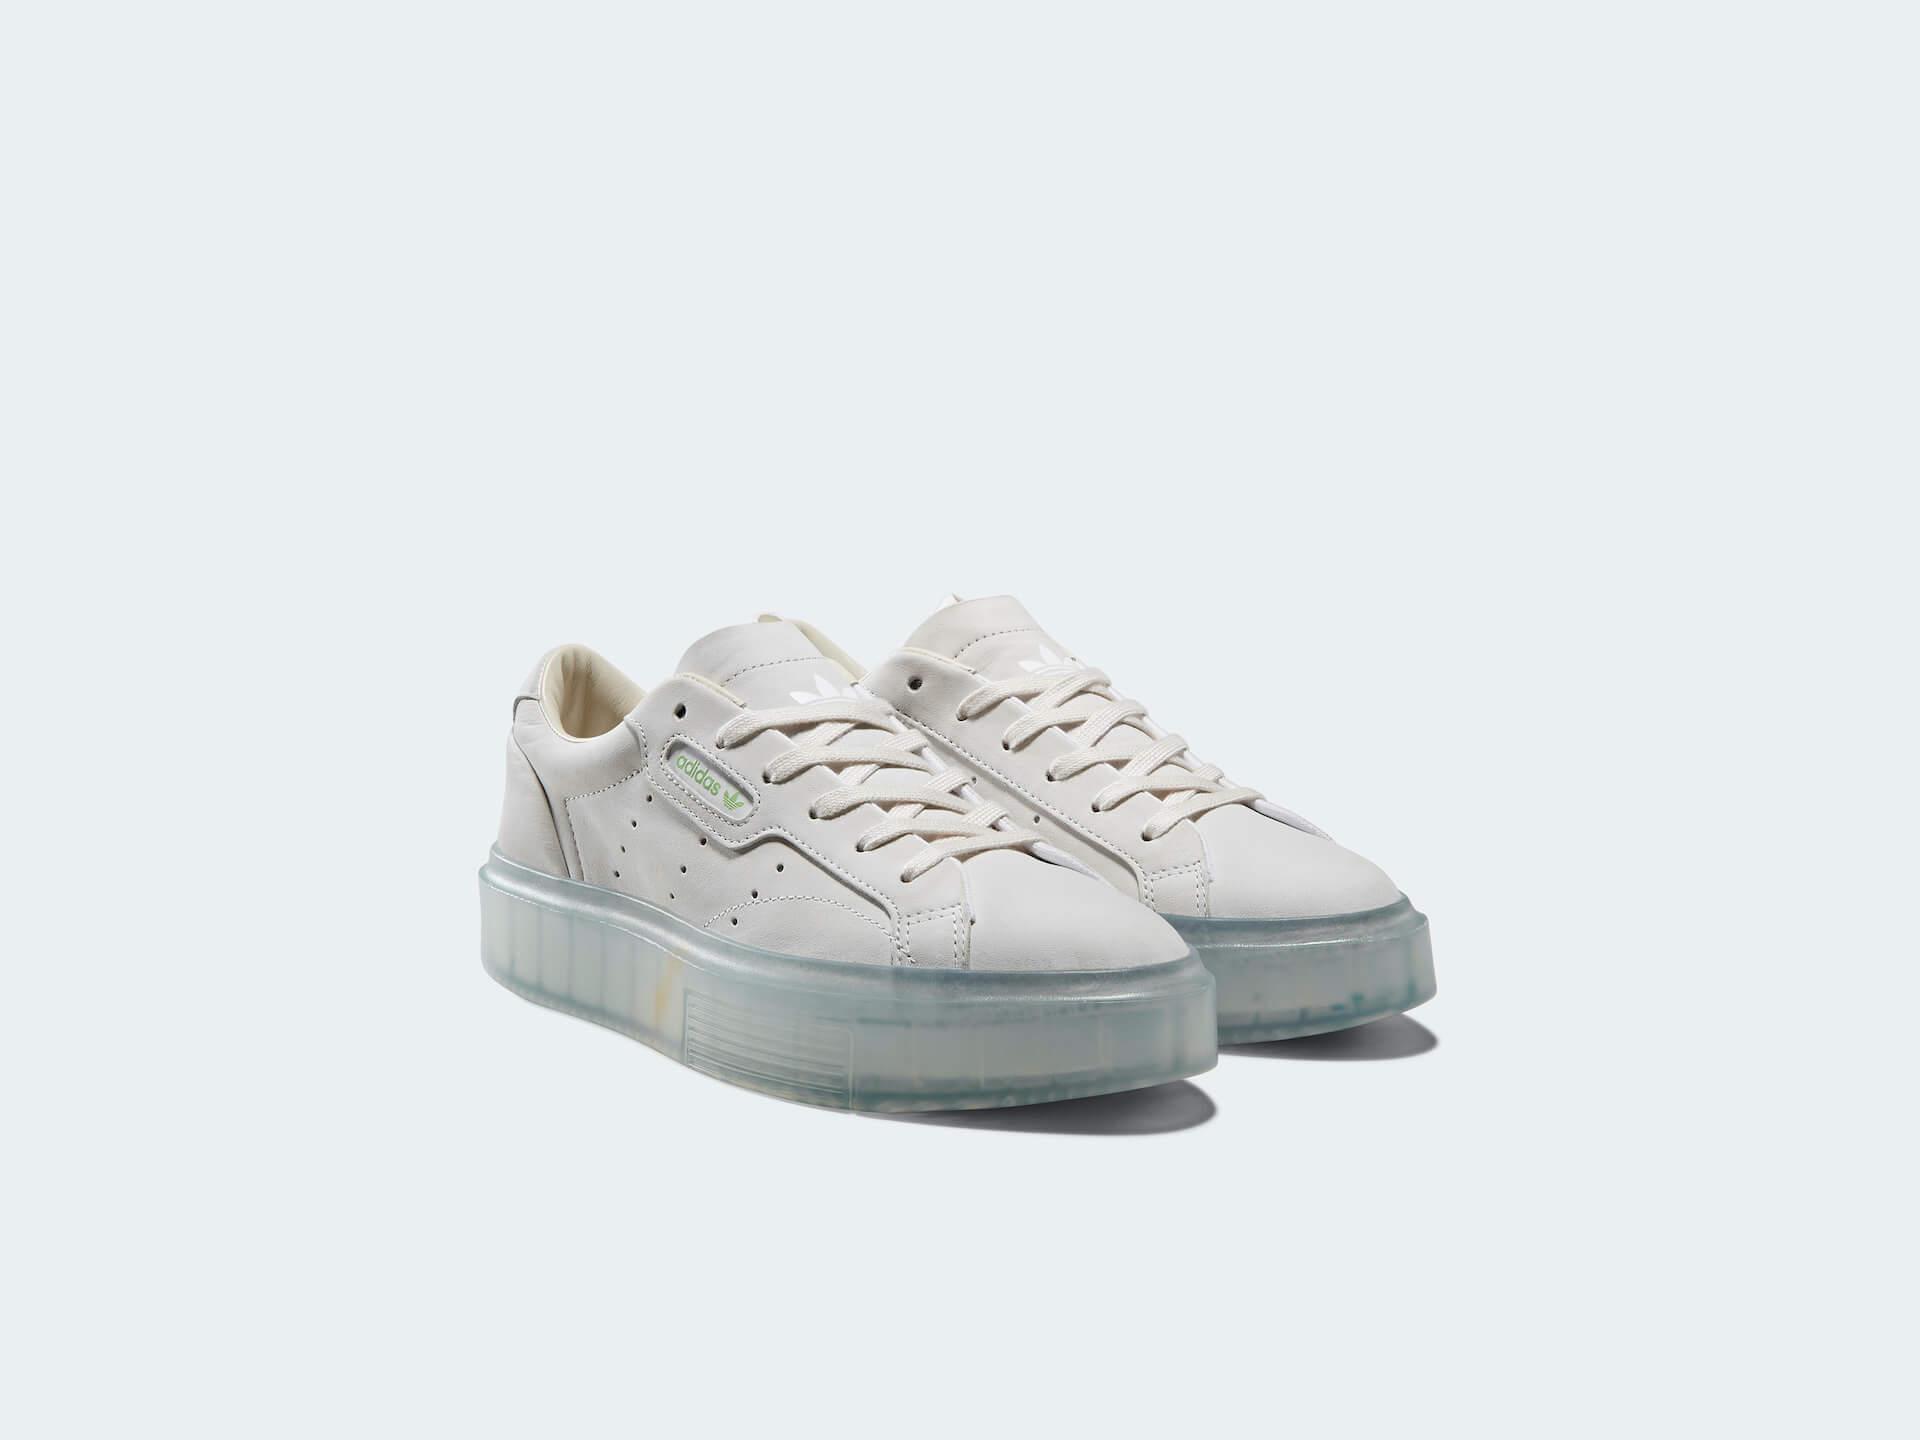 adidas Originals × Angel Chenのカプセルコレクションが登場!水泳や書道からインスパイアされたフットウェア4型 lf200529_adidas_angelchen_08